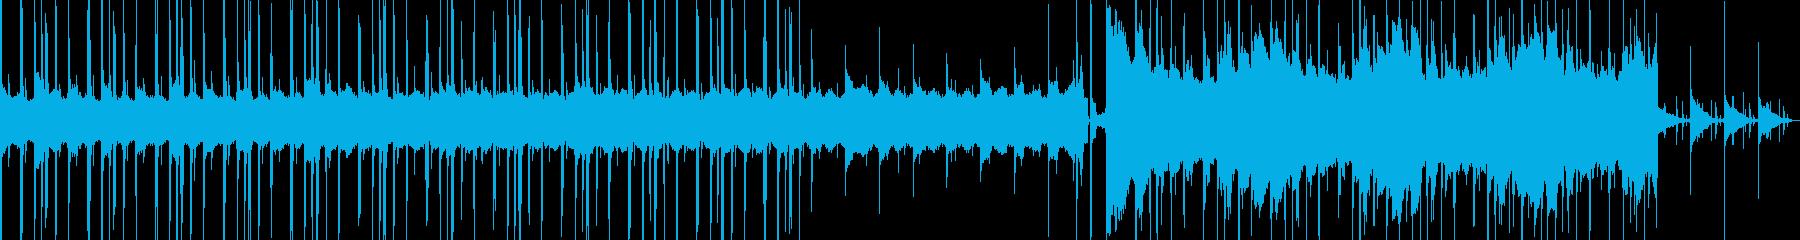 しっとりお洒落なLoFiヒップホップの再生済みの波形